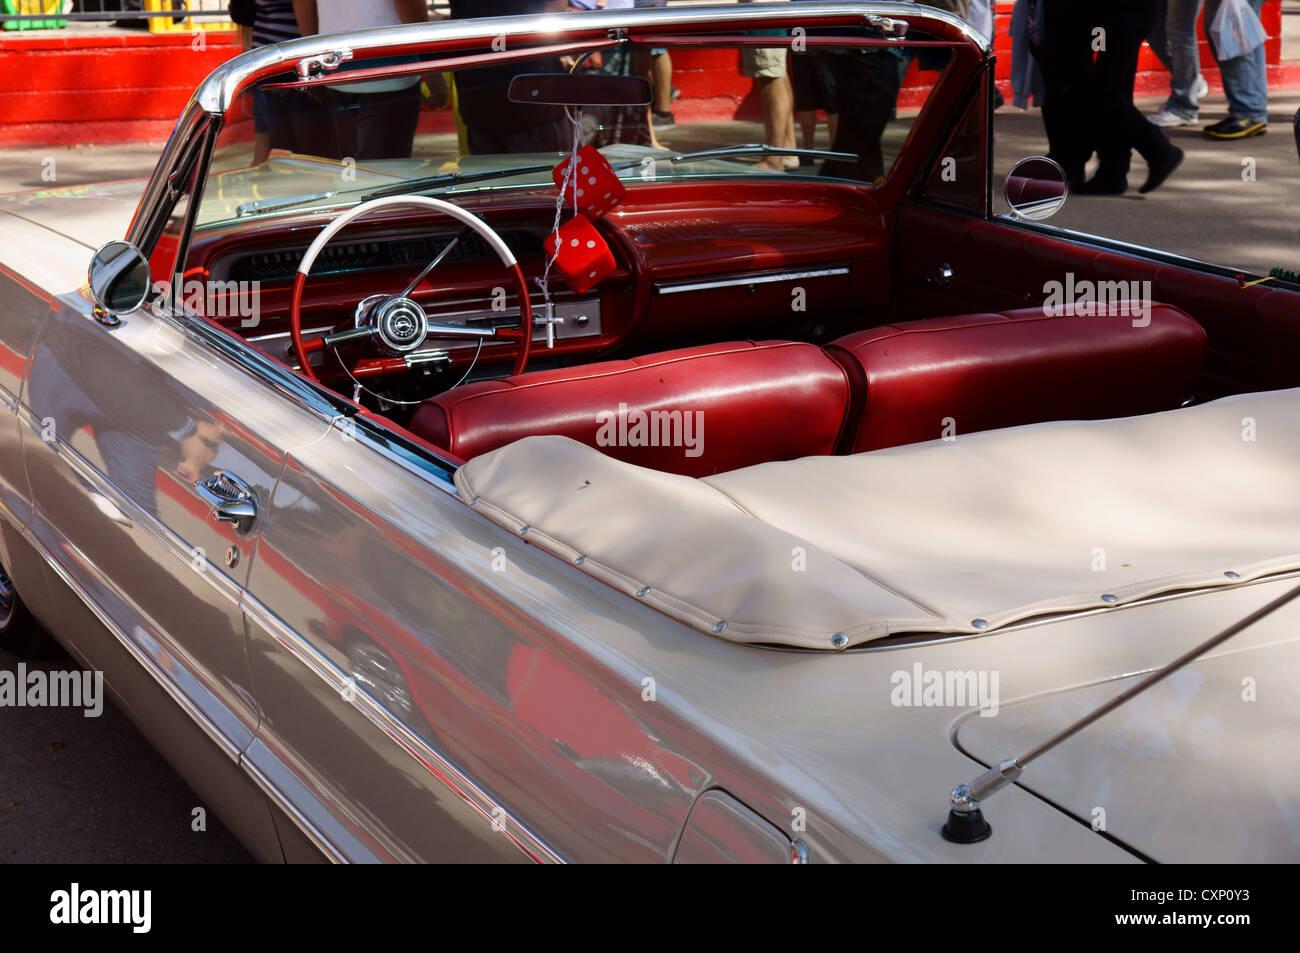 Benefit Car Show Stock Photos Benefit Car Show Stock Images Alamy - Car show albuquerque